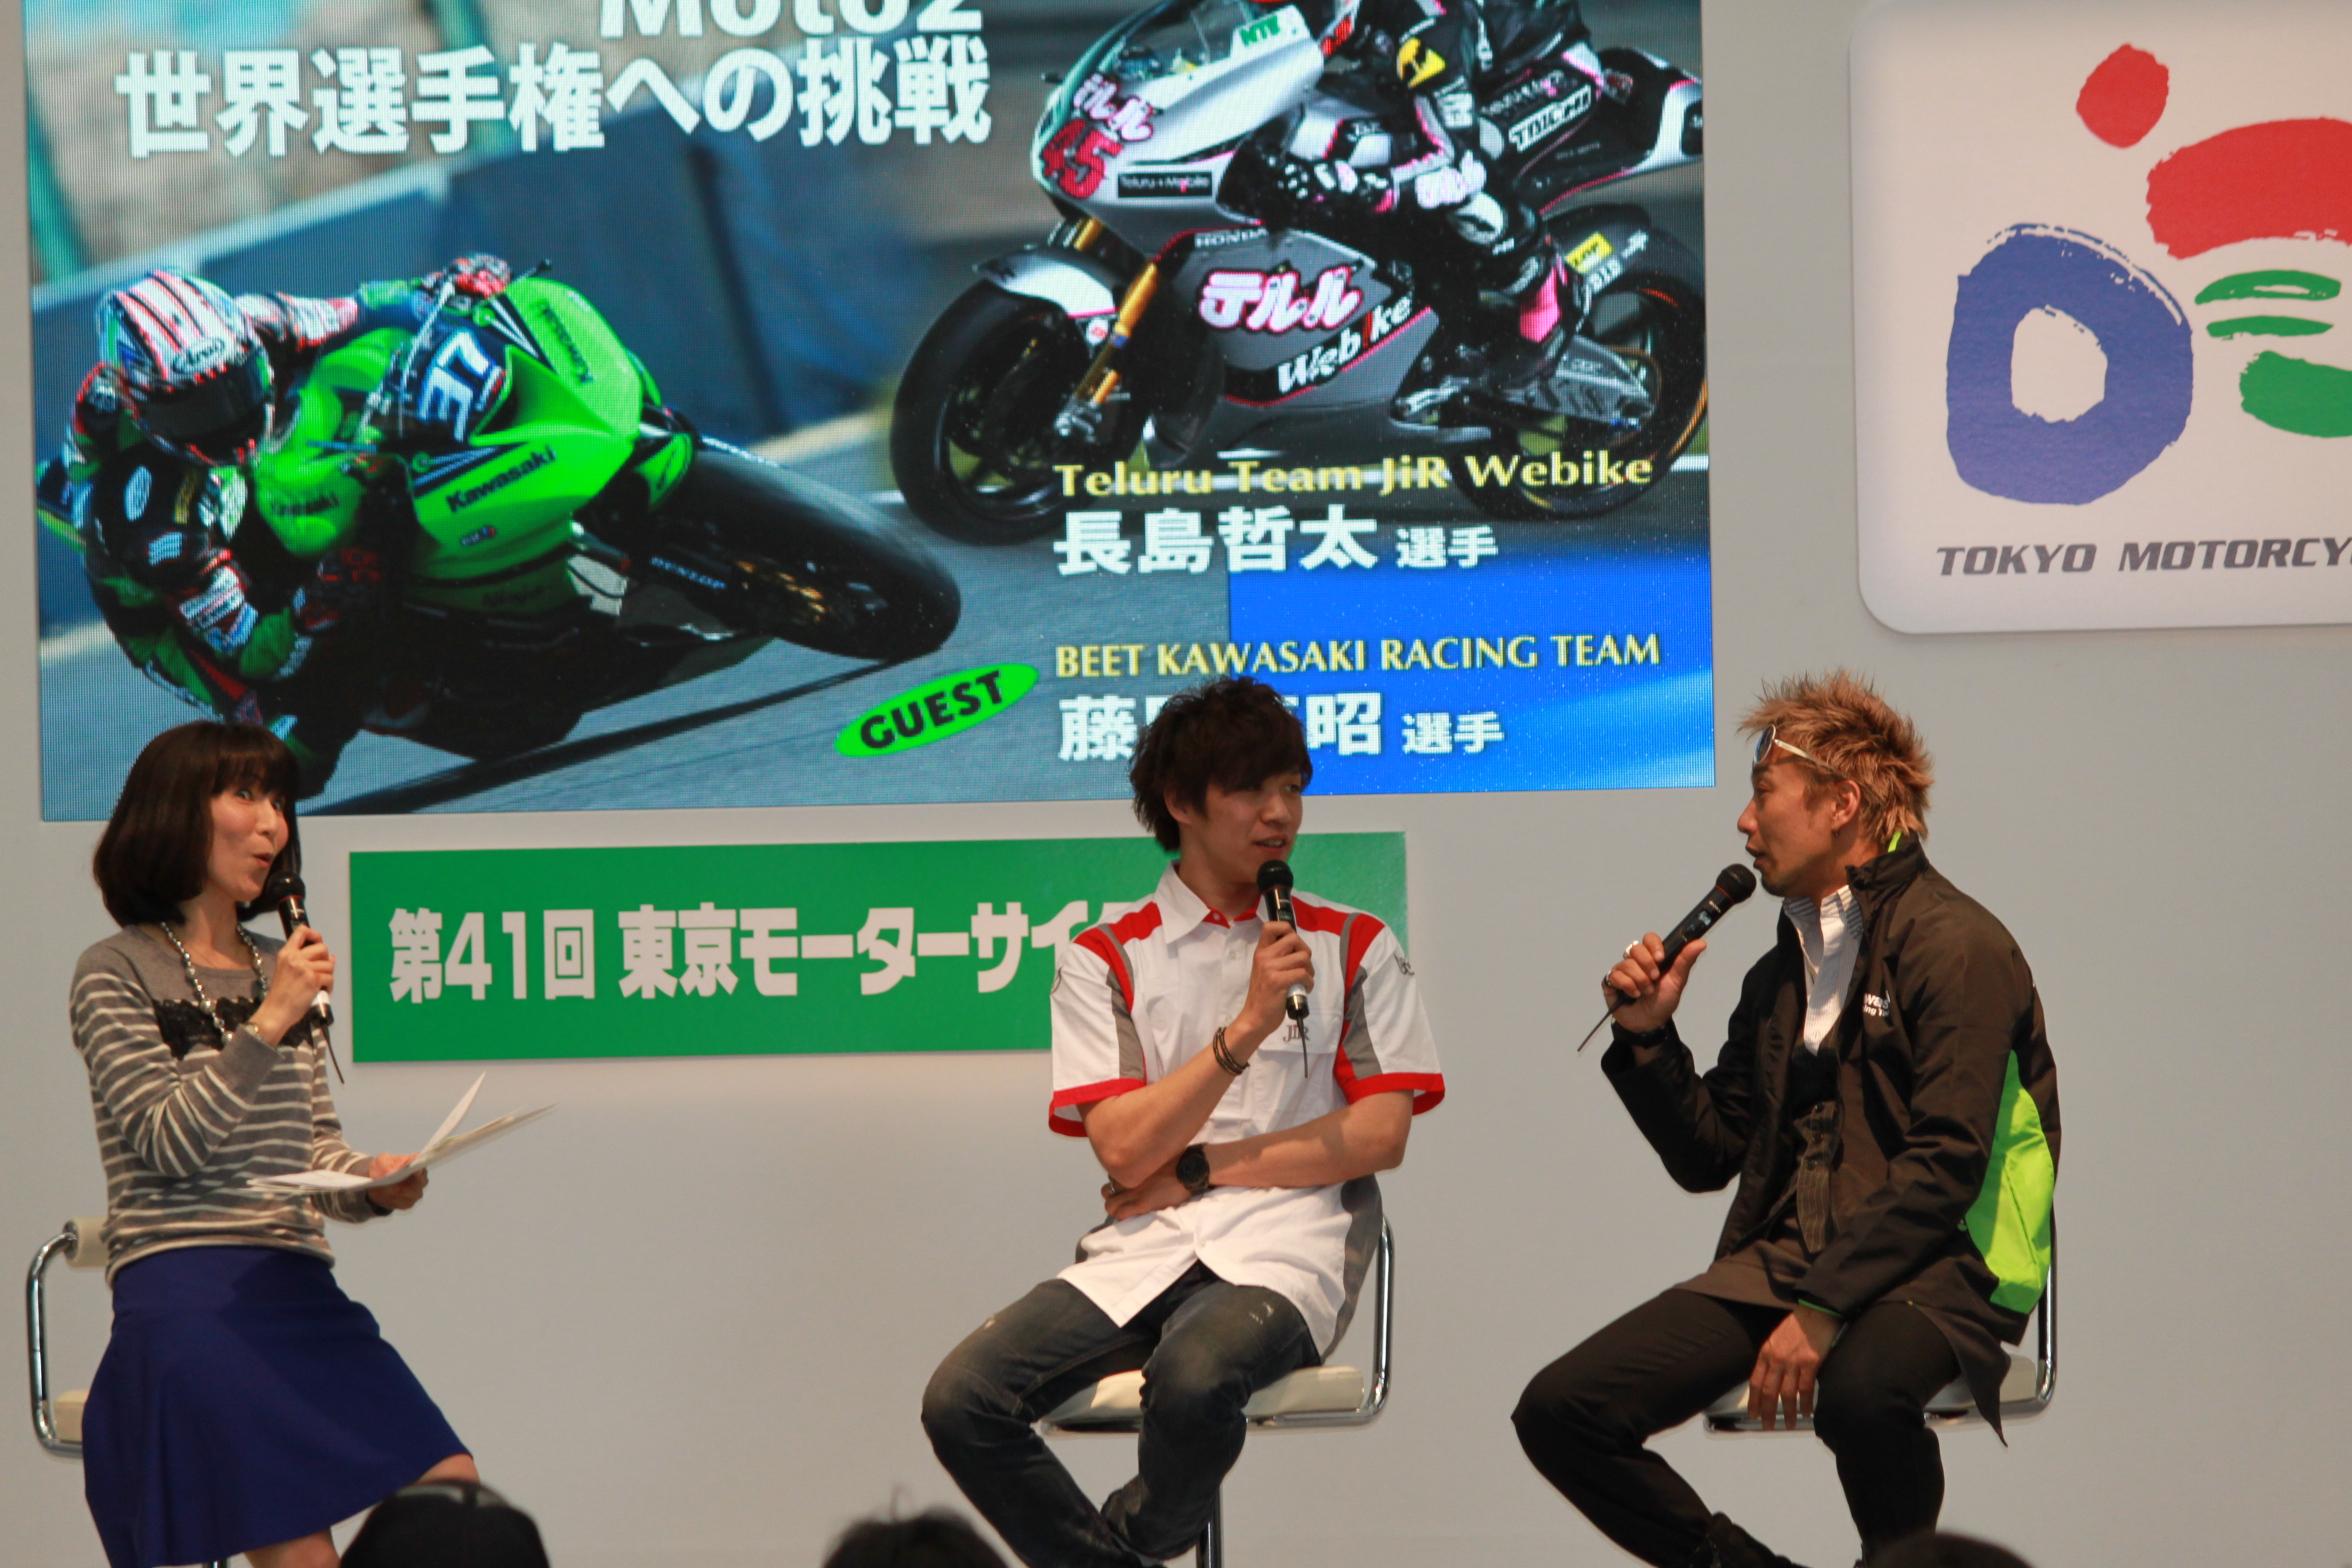 Tokyo Motorcycle Show debut for Teluru team JiR Webike